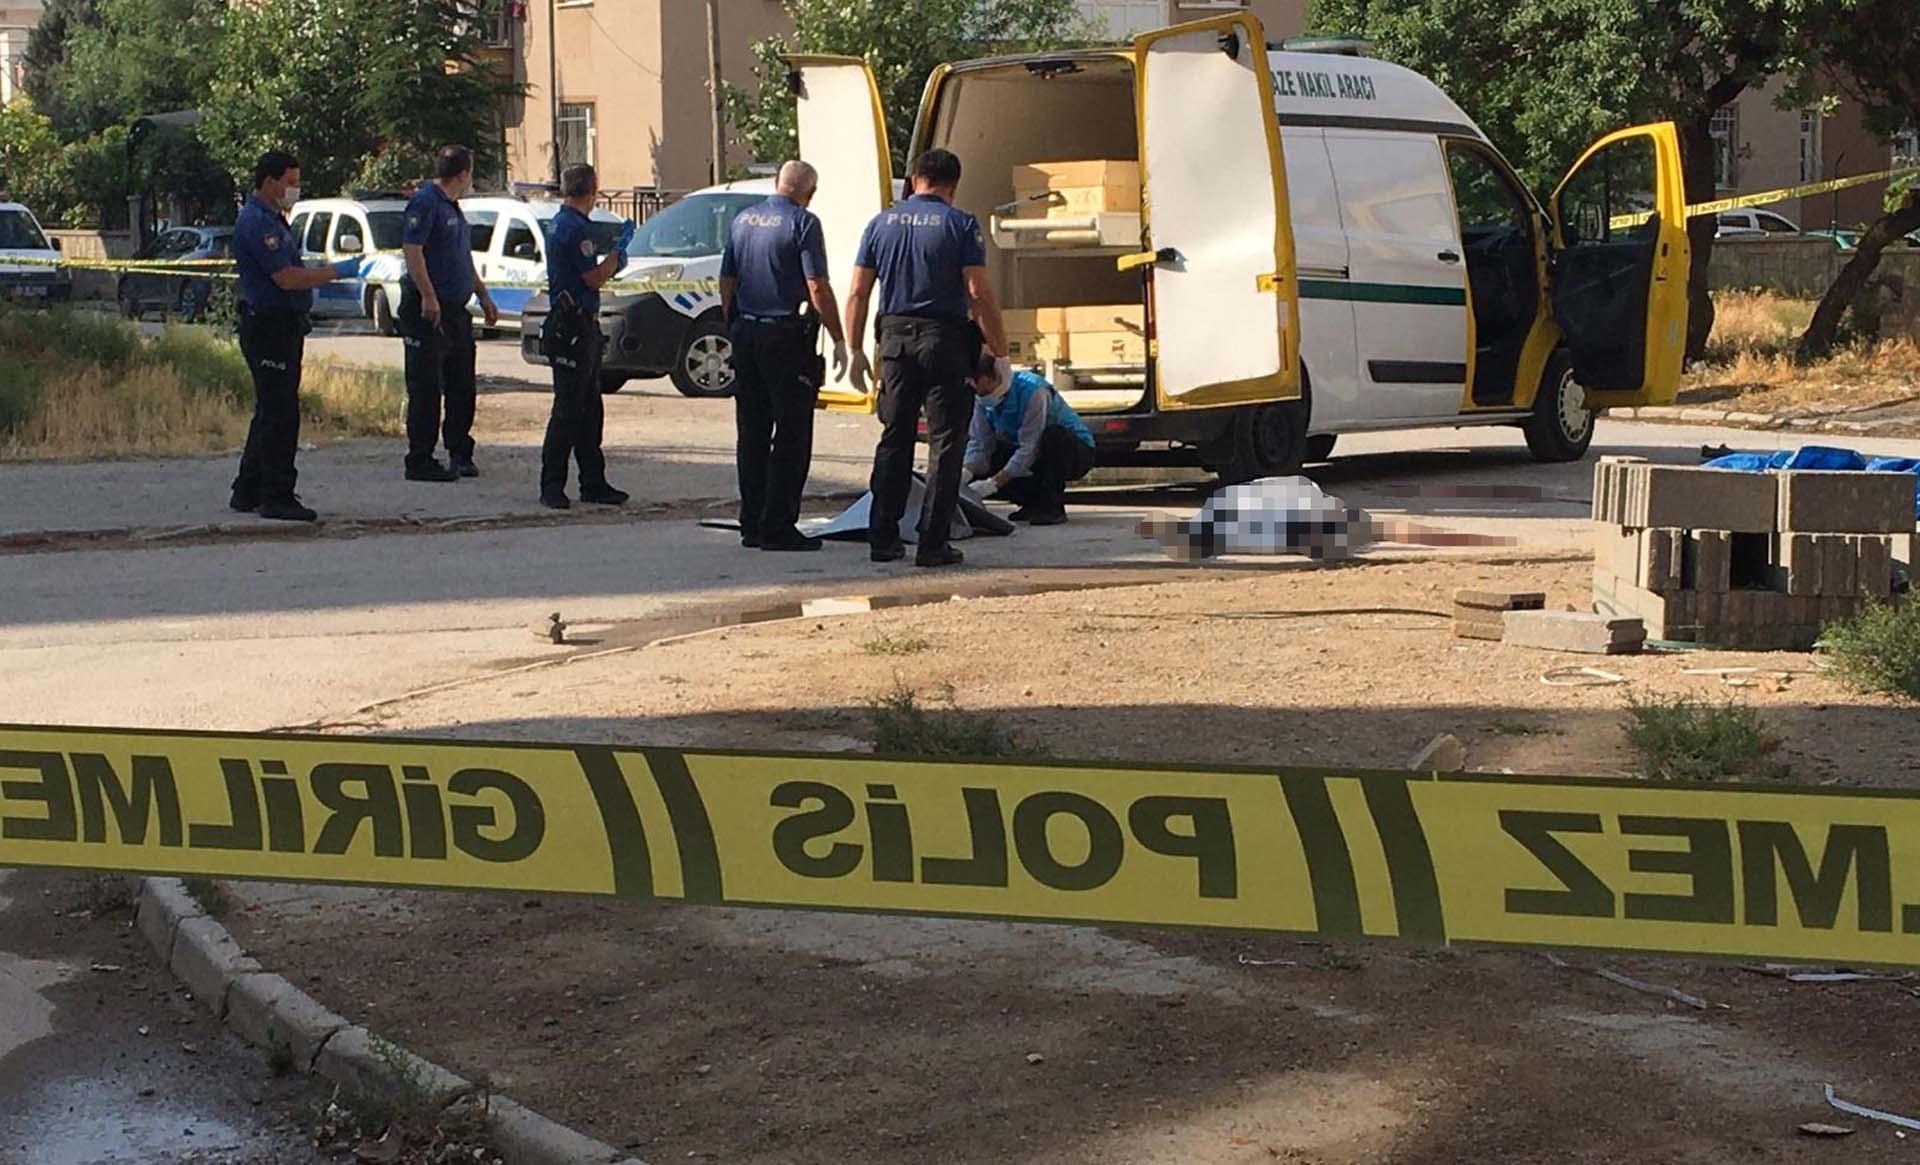 Her detayı korkunç: Dini nikahlı eşini sokak ortasında öldürdü, aynı tabanca ile intihar etti